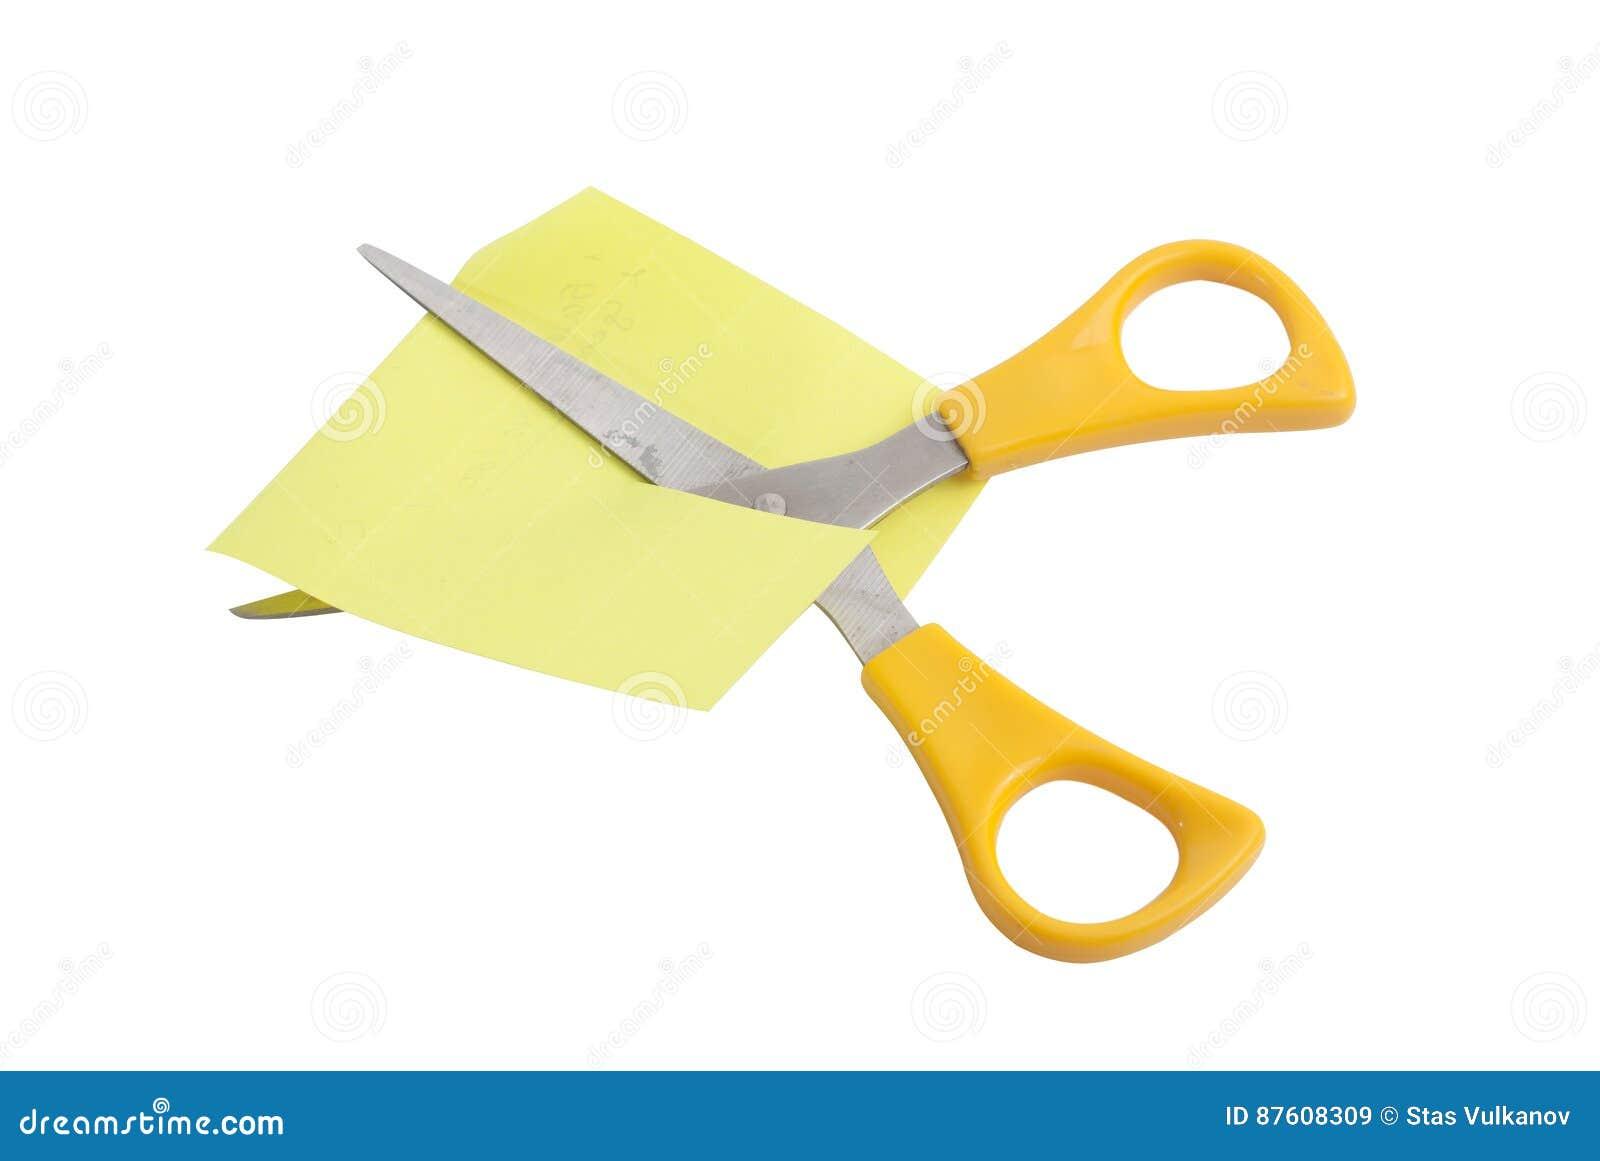 Forbici con le maniglie gialle,